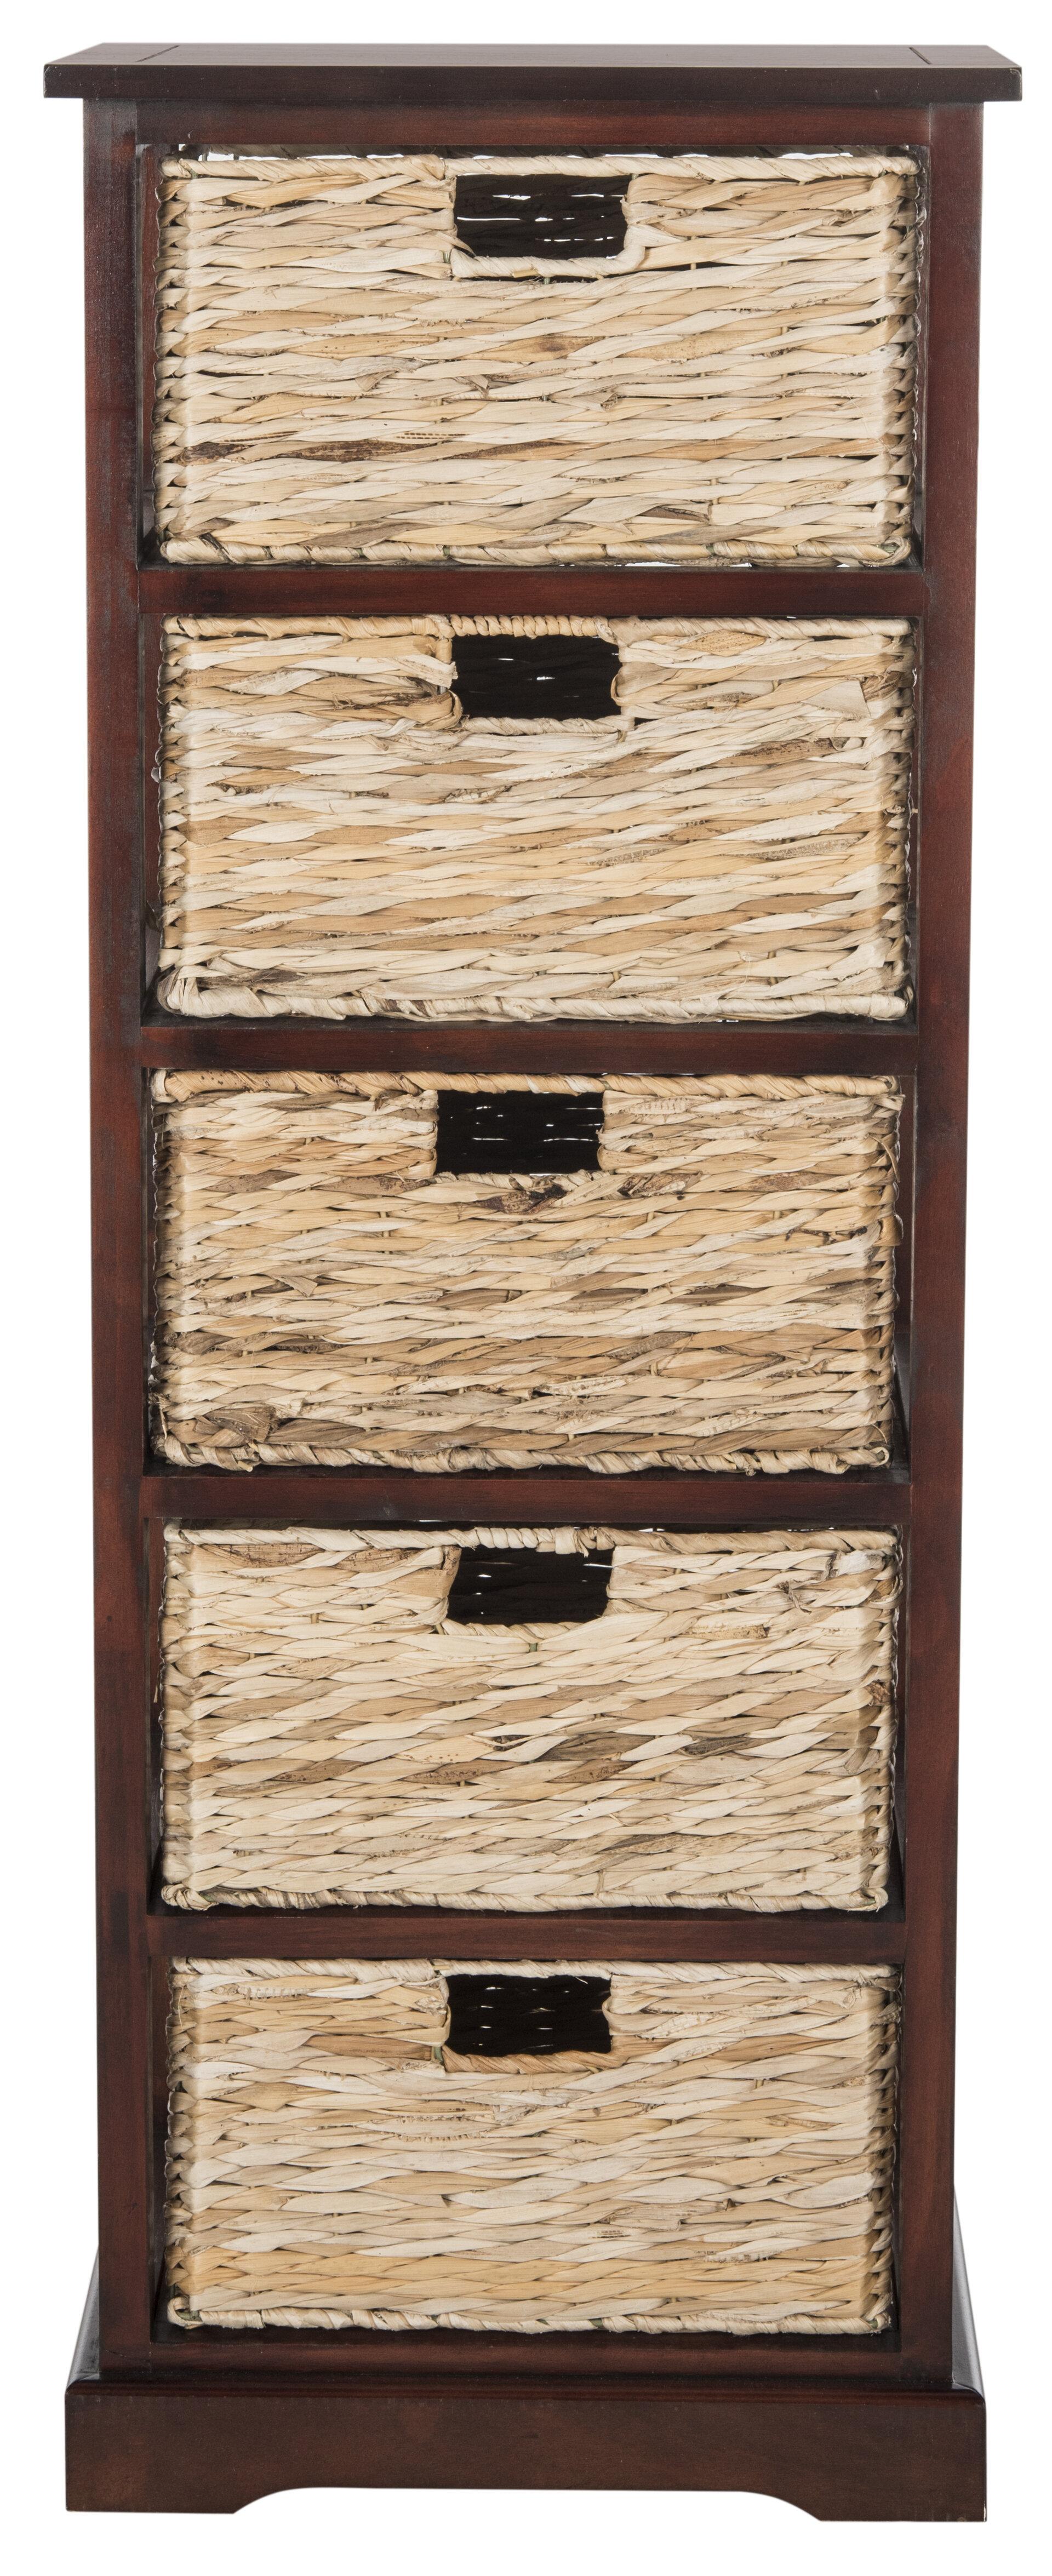 Beachcrest Home Vedette 5 Basket Storage Chest U0026 Reviews | Wayfair